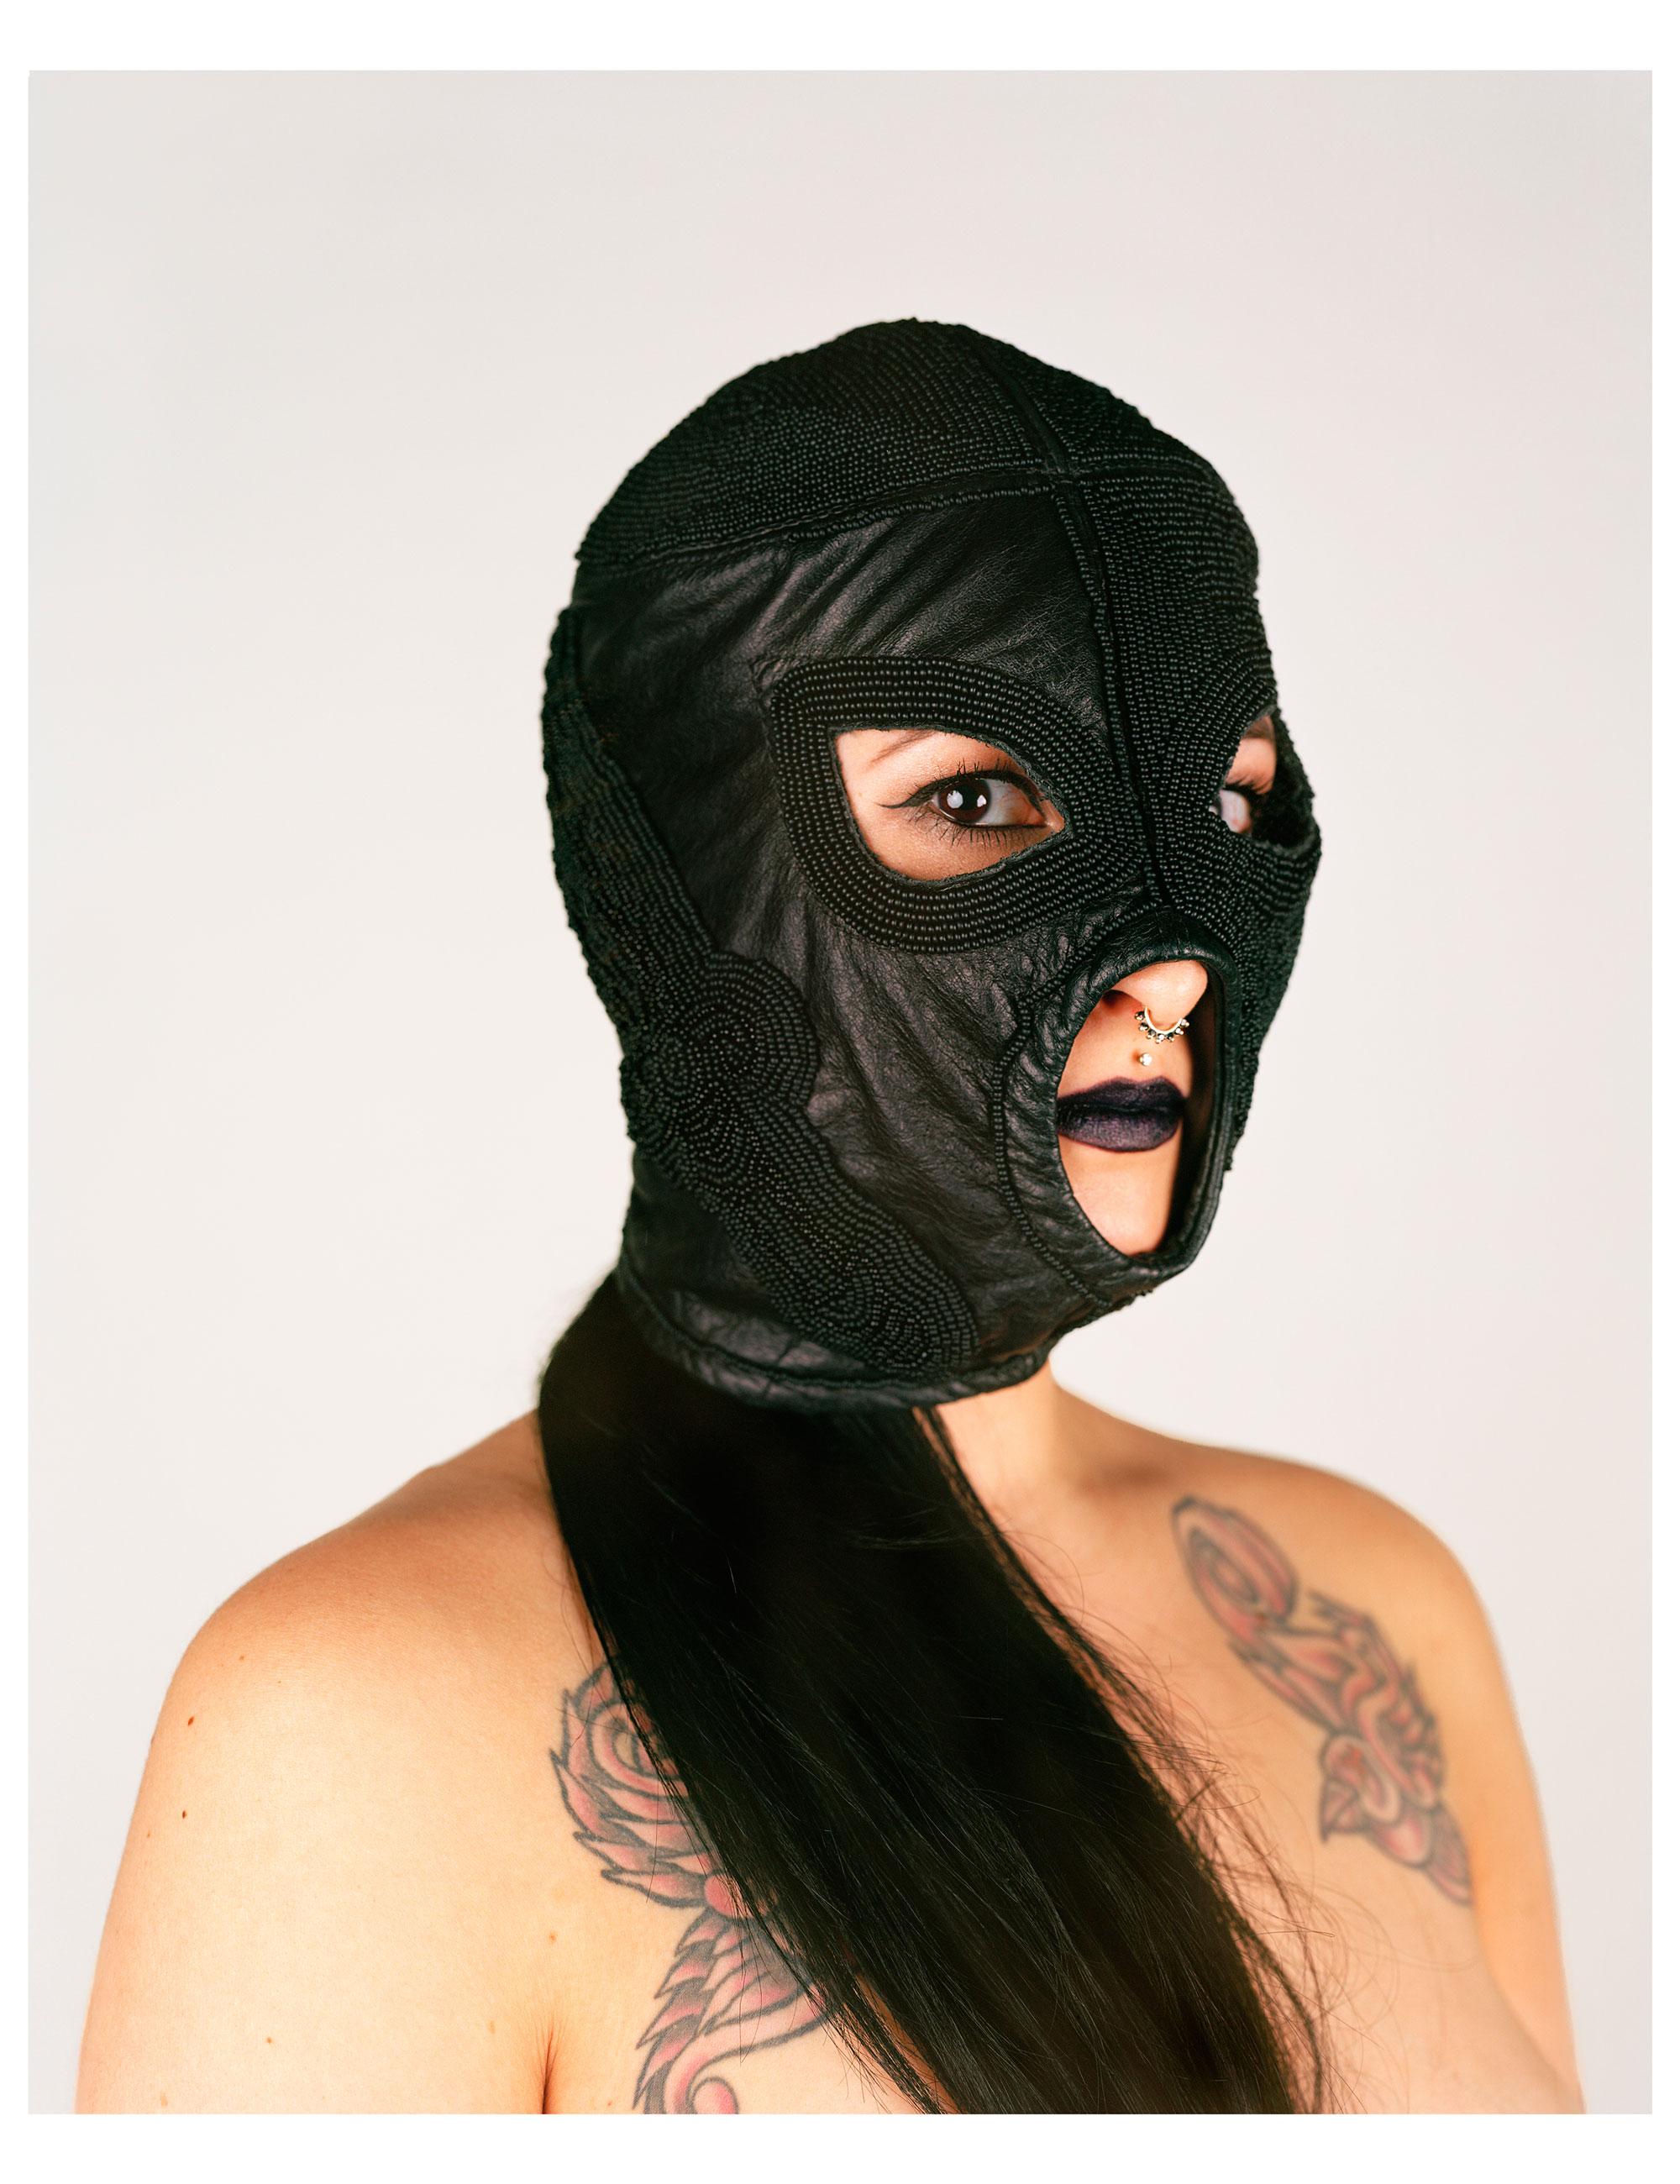 R-mask01_Adrienne_8x10